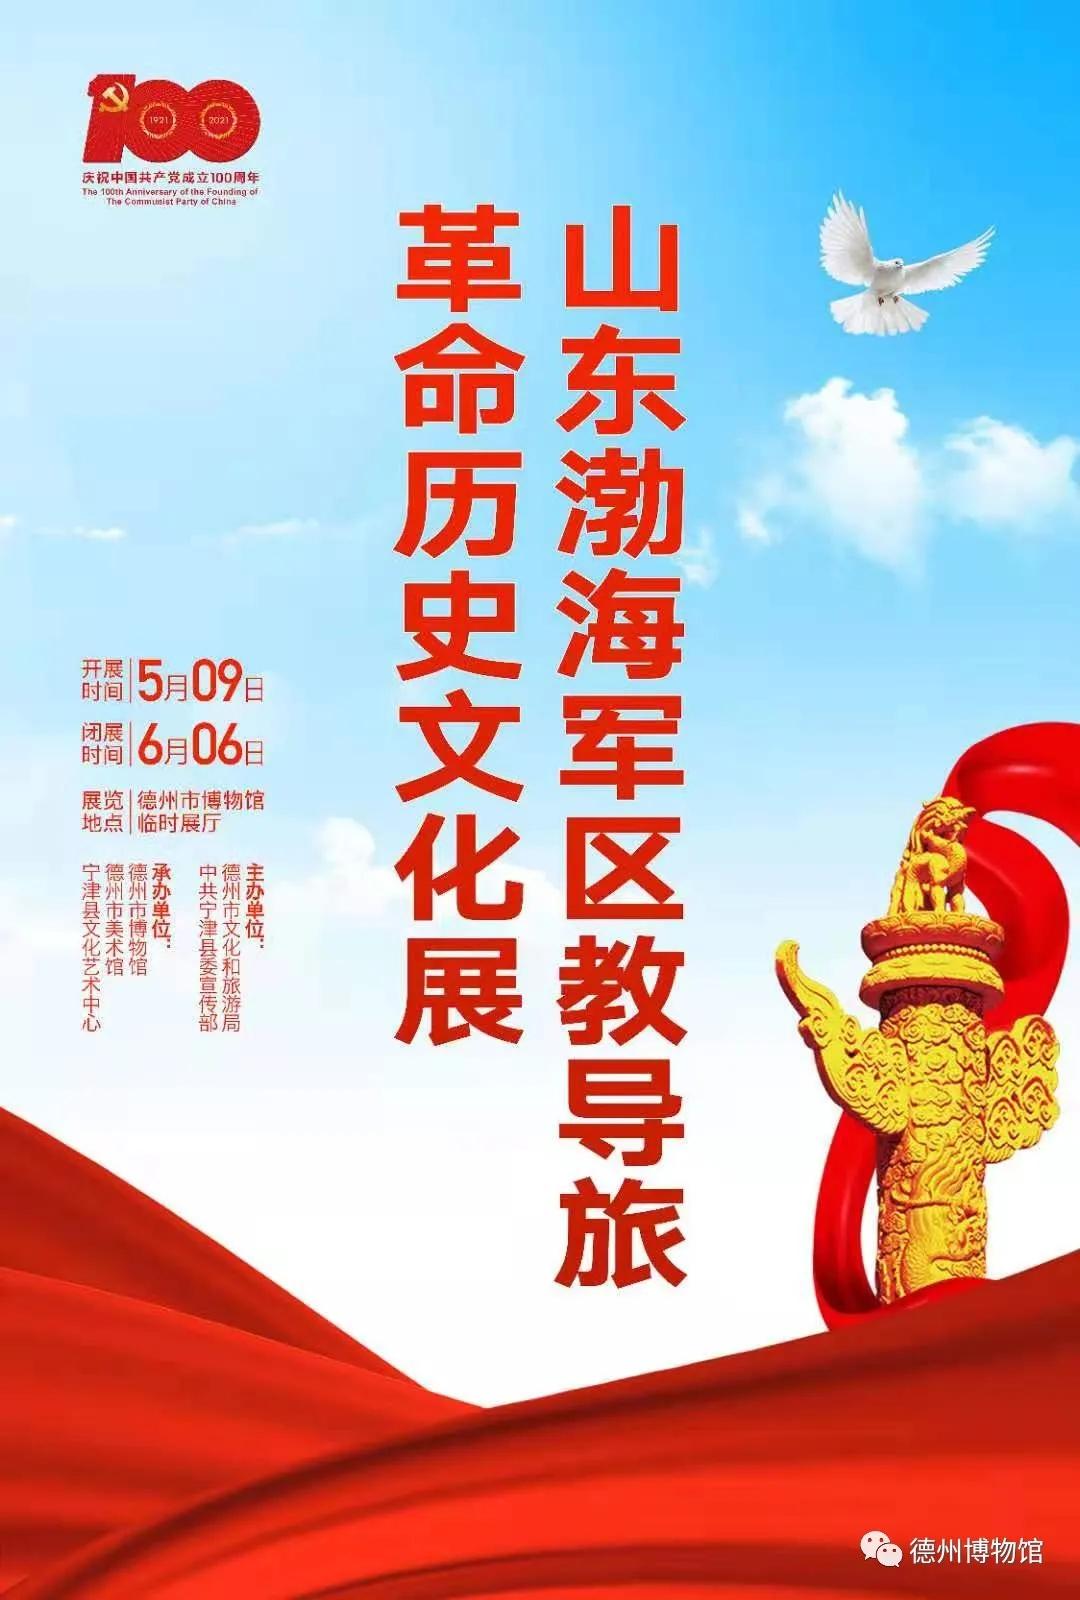 山东渤海军区教导旅革命历史文化展将于5月9日在德州市博物馆开展